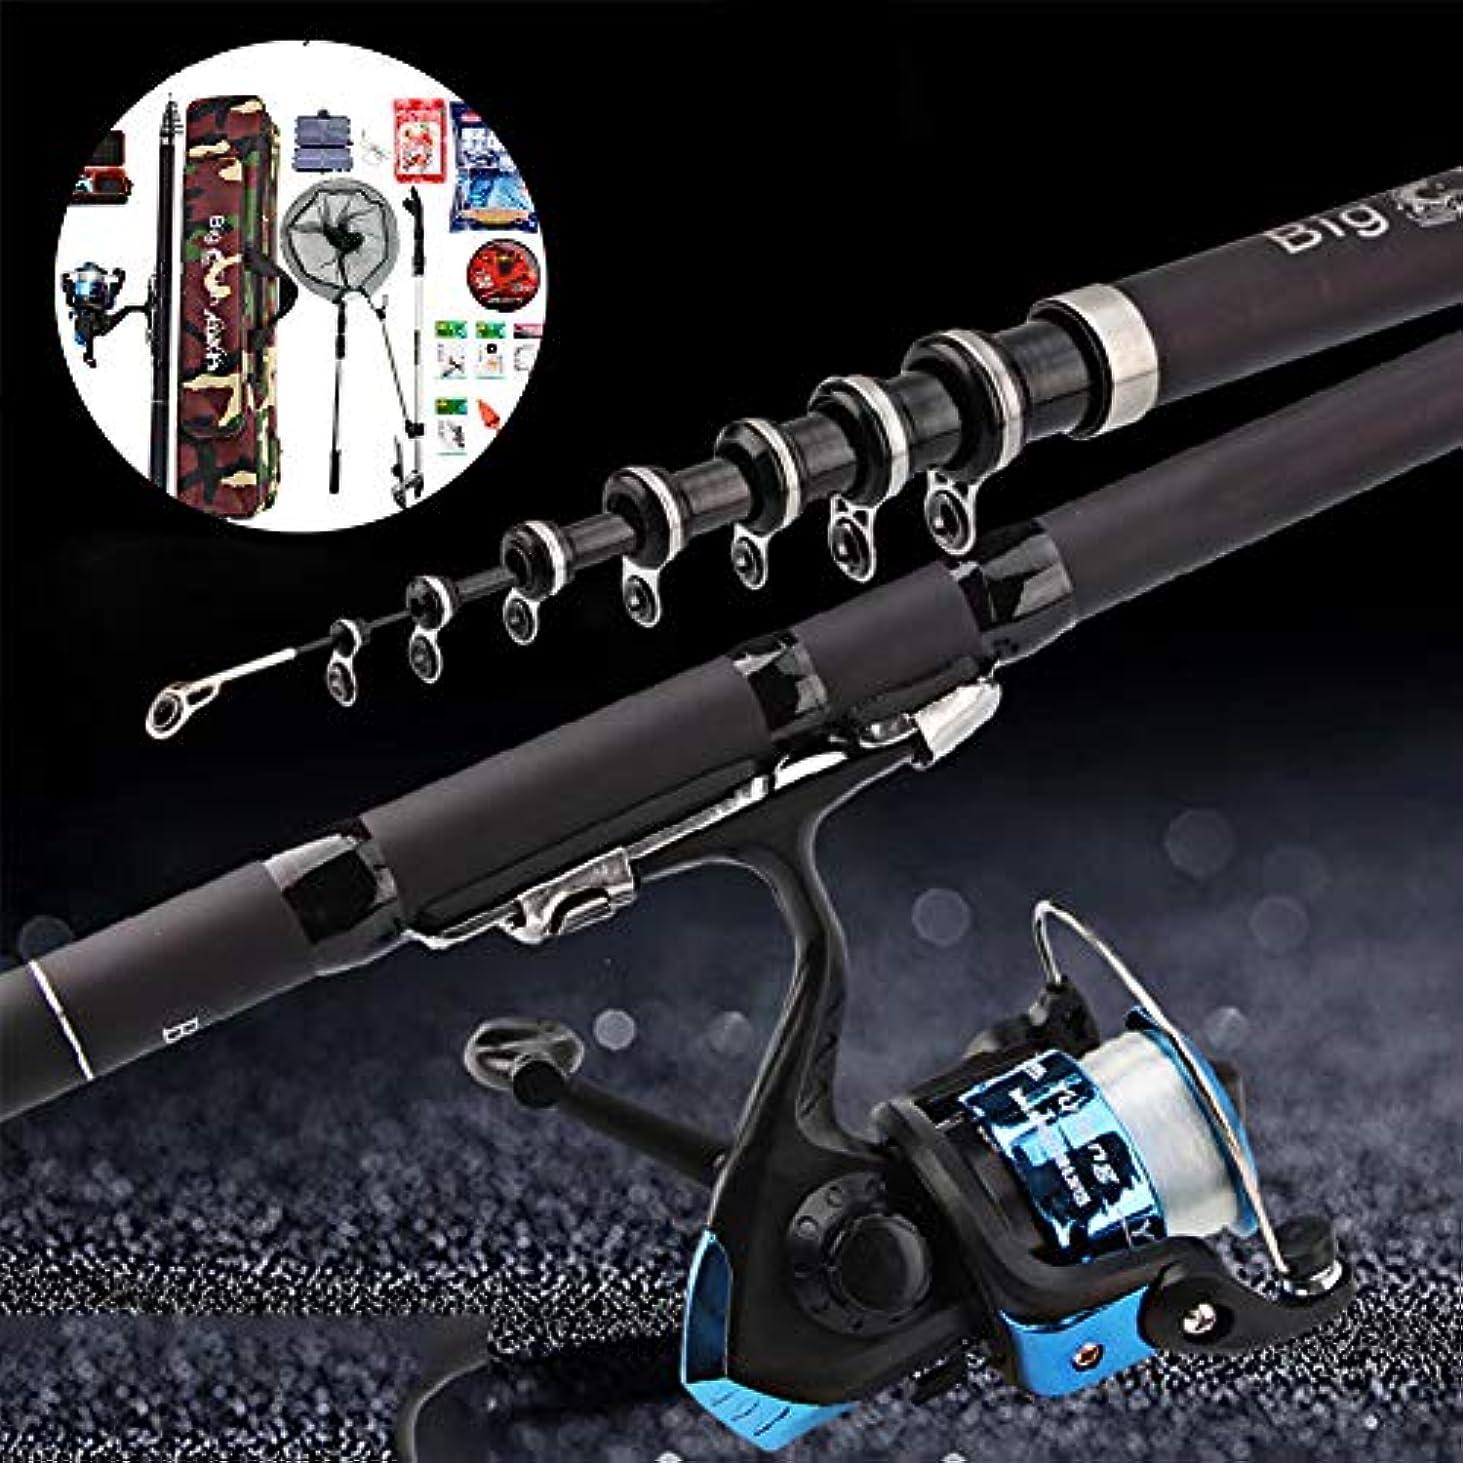 発見レバー福祉手錠、ラッコのデュアルユース、ポータブルスピニングフィッシングロッドコンボ99%カーボンウルトラライト1.8M、2.1M、2.4M、2.7M、3.0Mロッド、釣りリール、ルアー、ライン、釣りキャリアバッグ